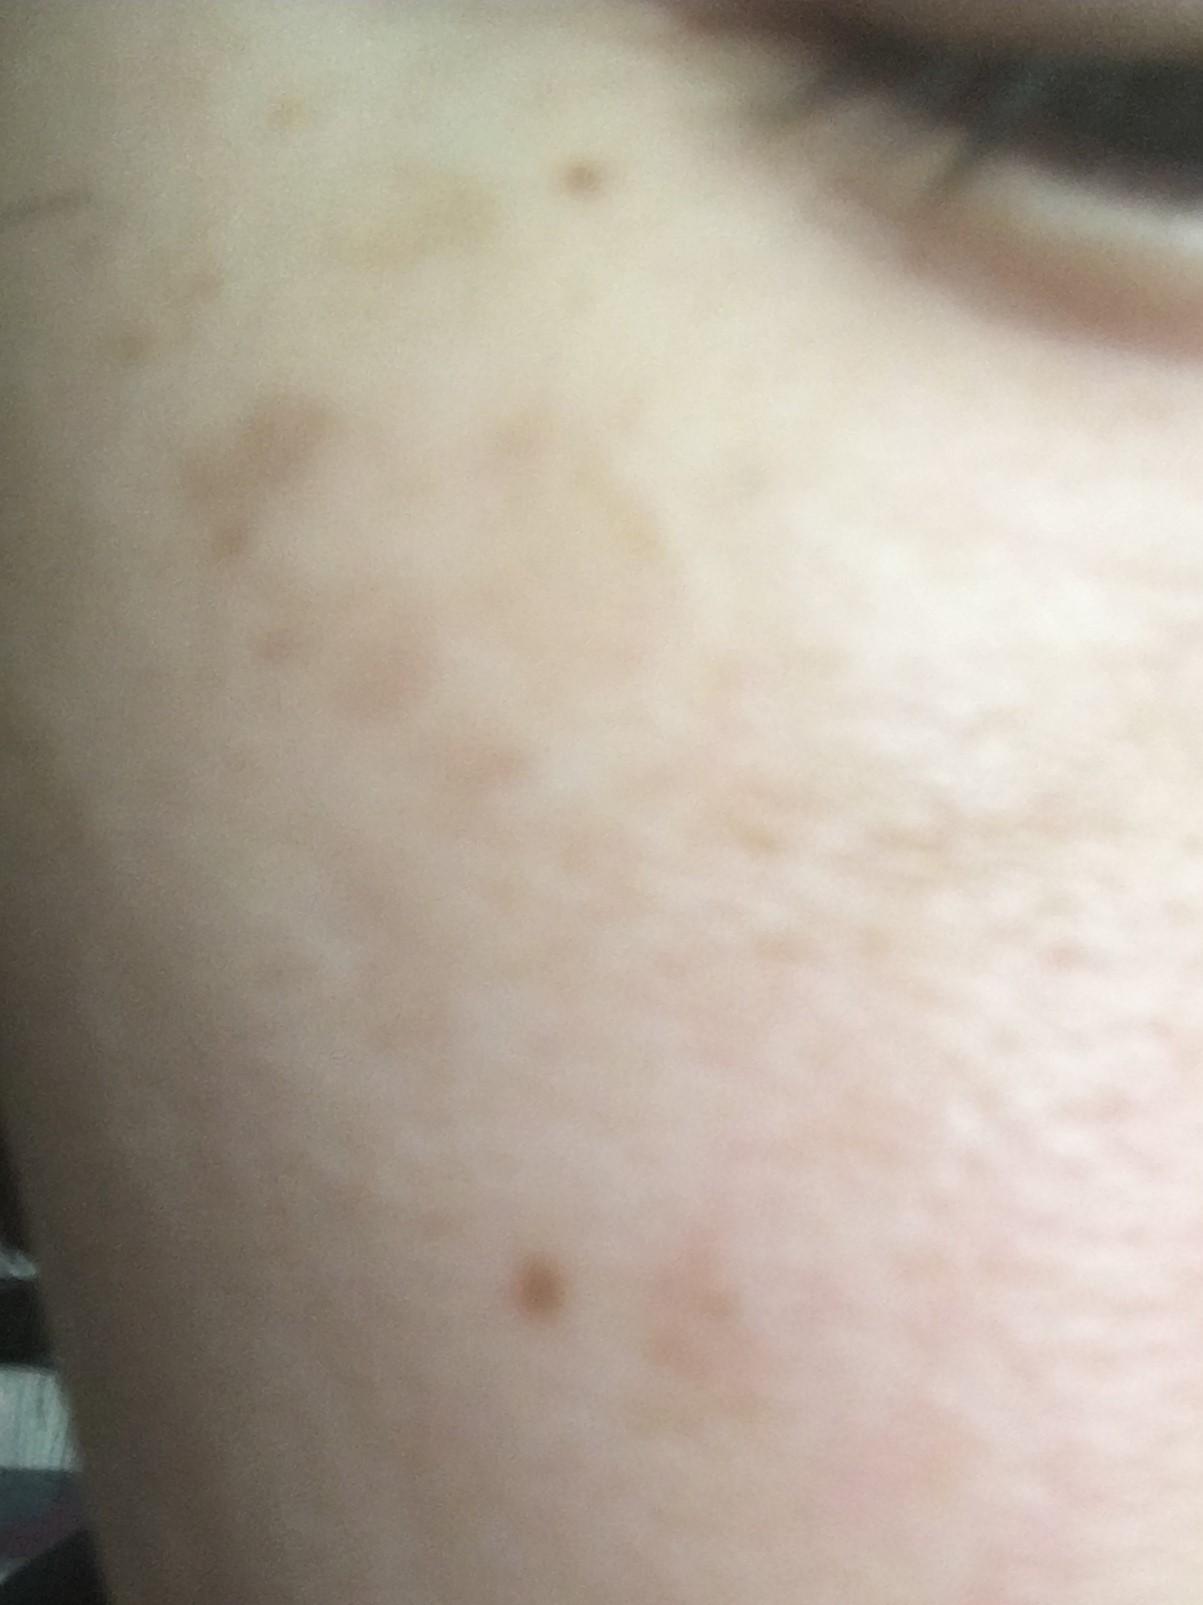 右頬の肝斑?(2016/4/11)